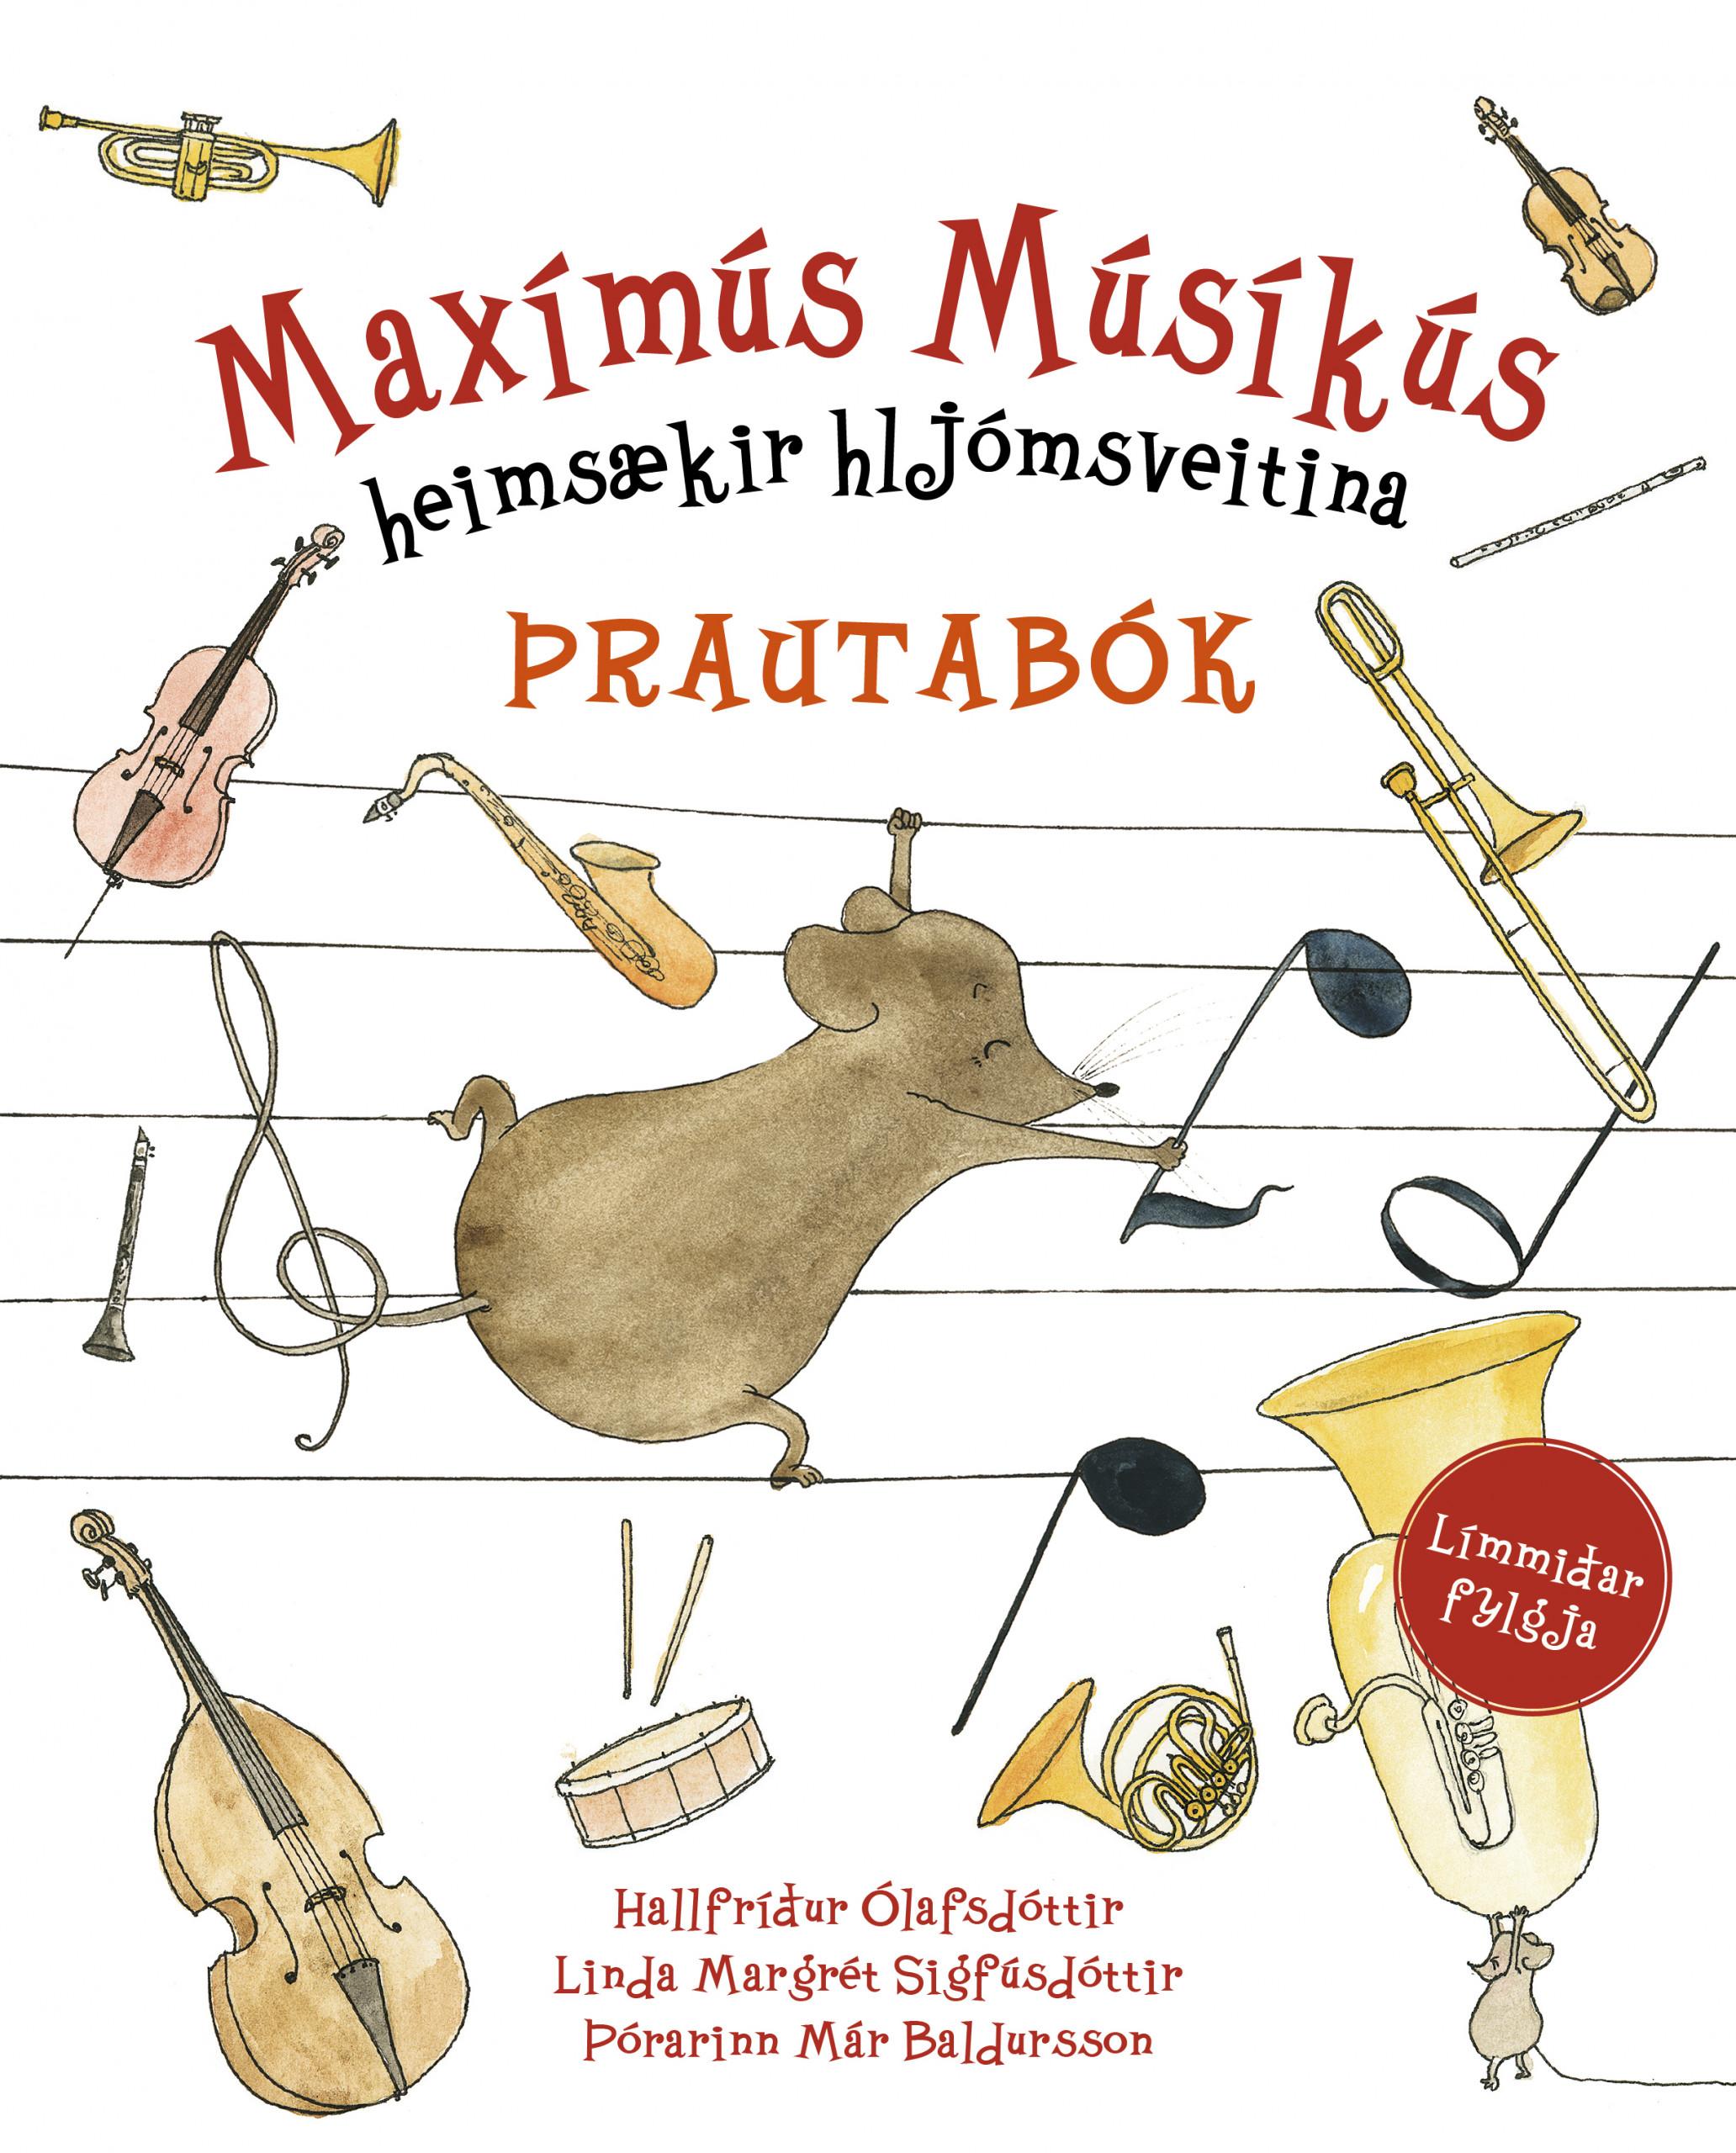 Maxímús Músíkús – Þrautabók